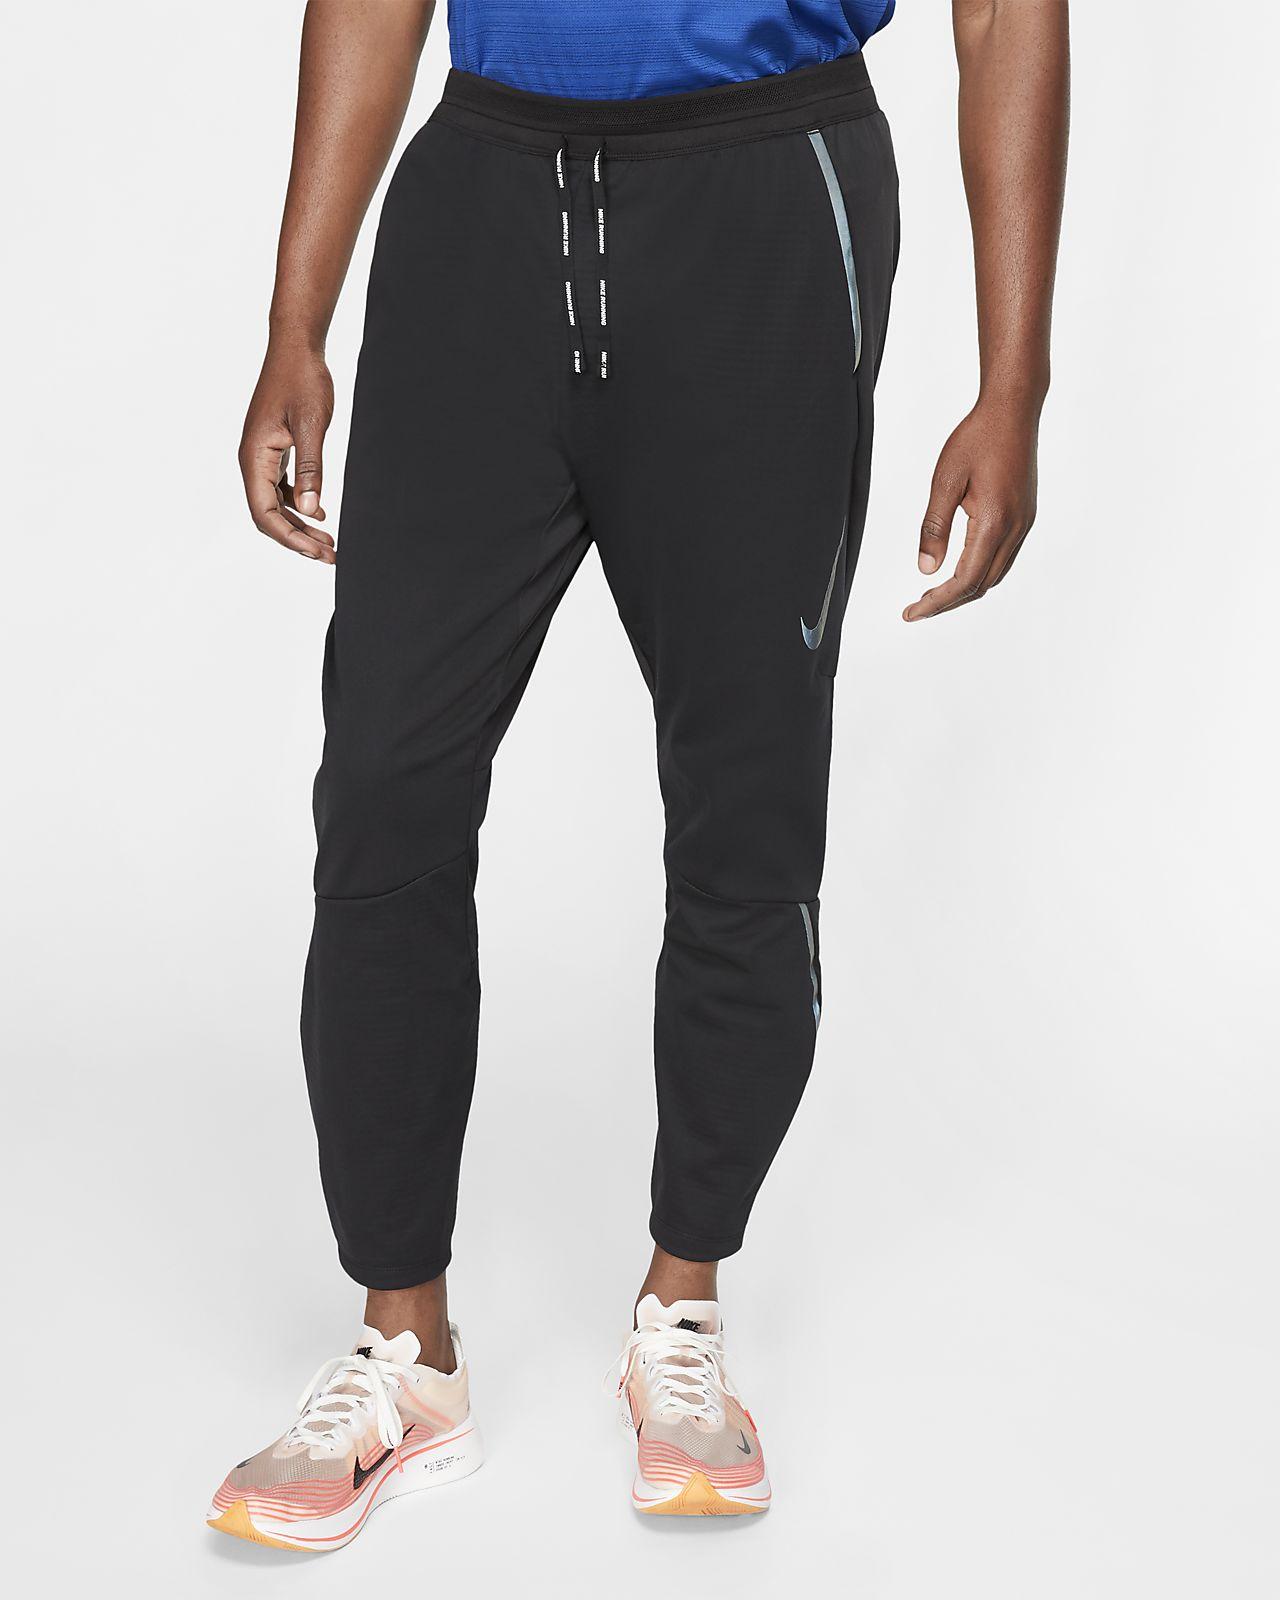 Nike Shield Swift-løbebukser til mænd